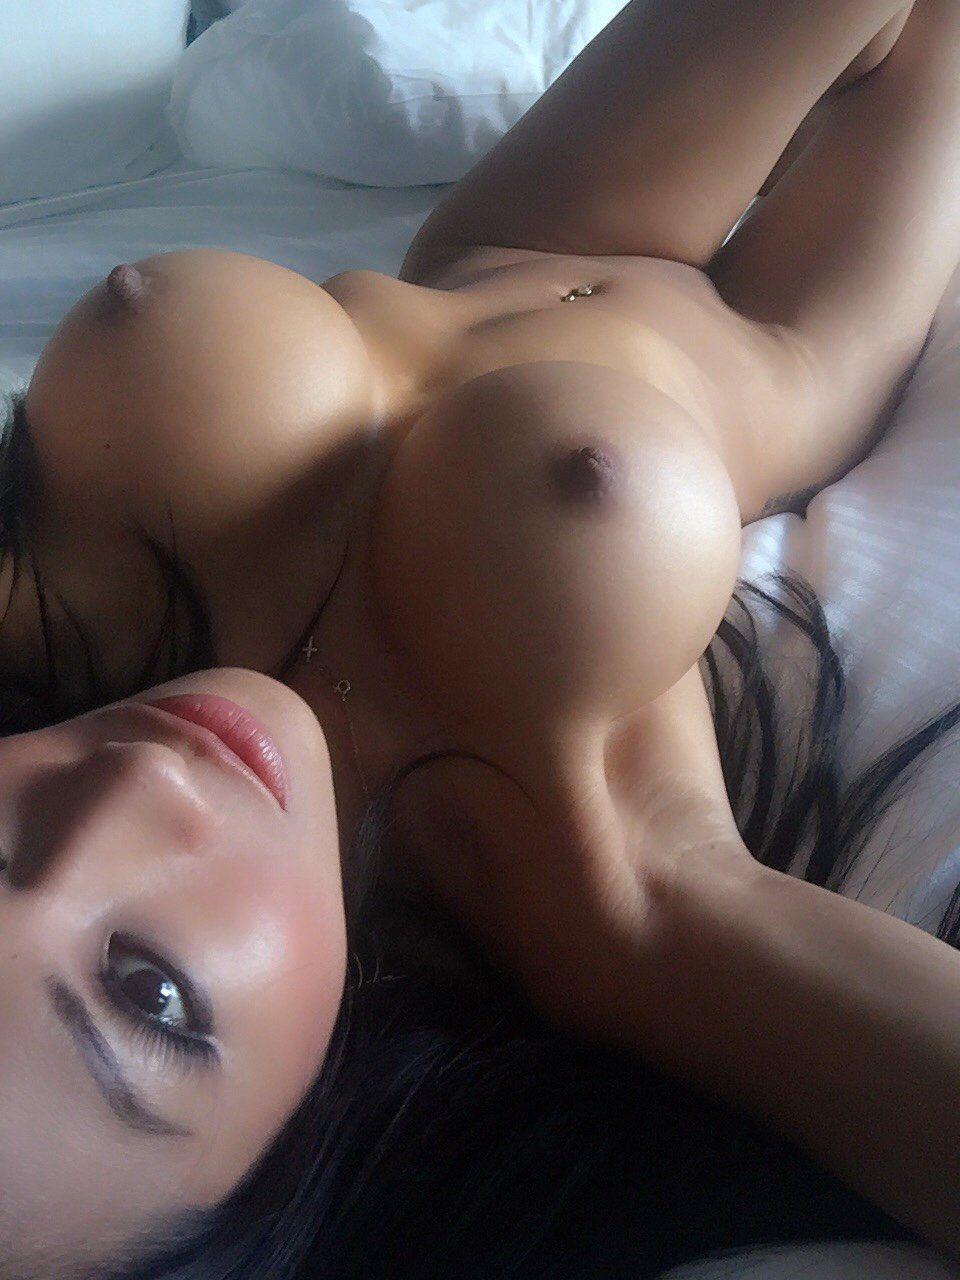 Japonesa Peituda Peladona Em Fotos Caseiras  Novinhas Nudes-2942